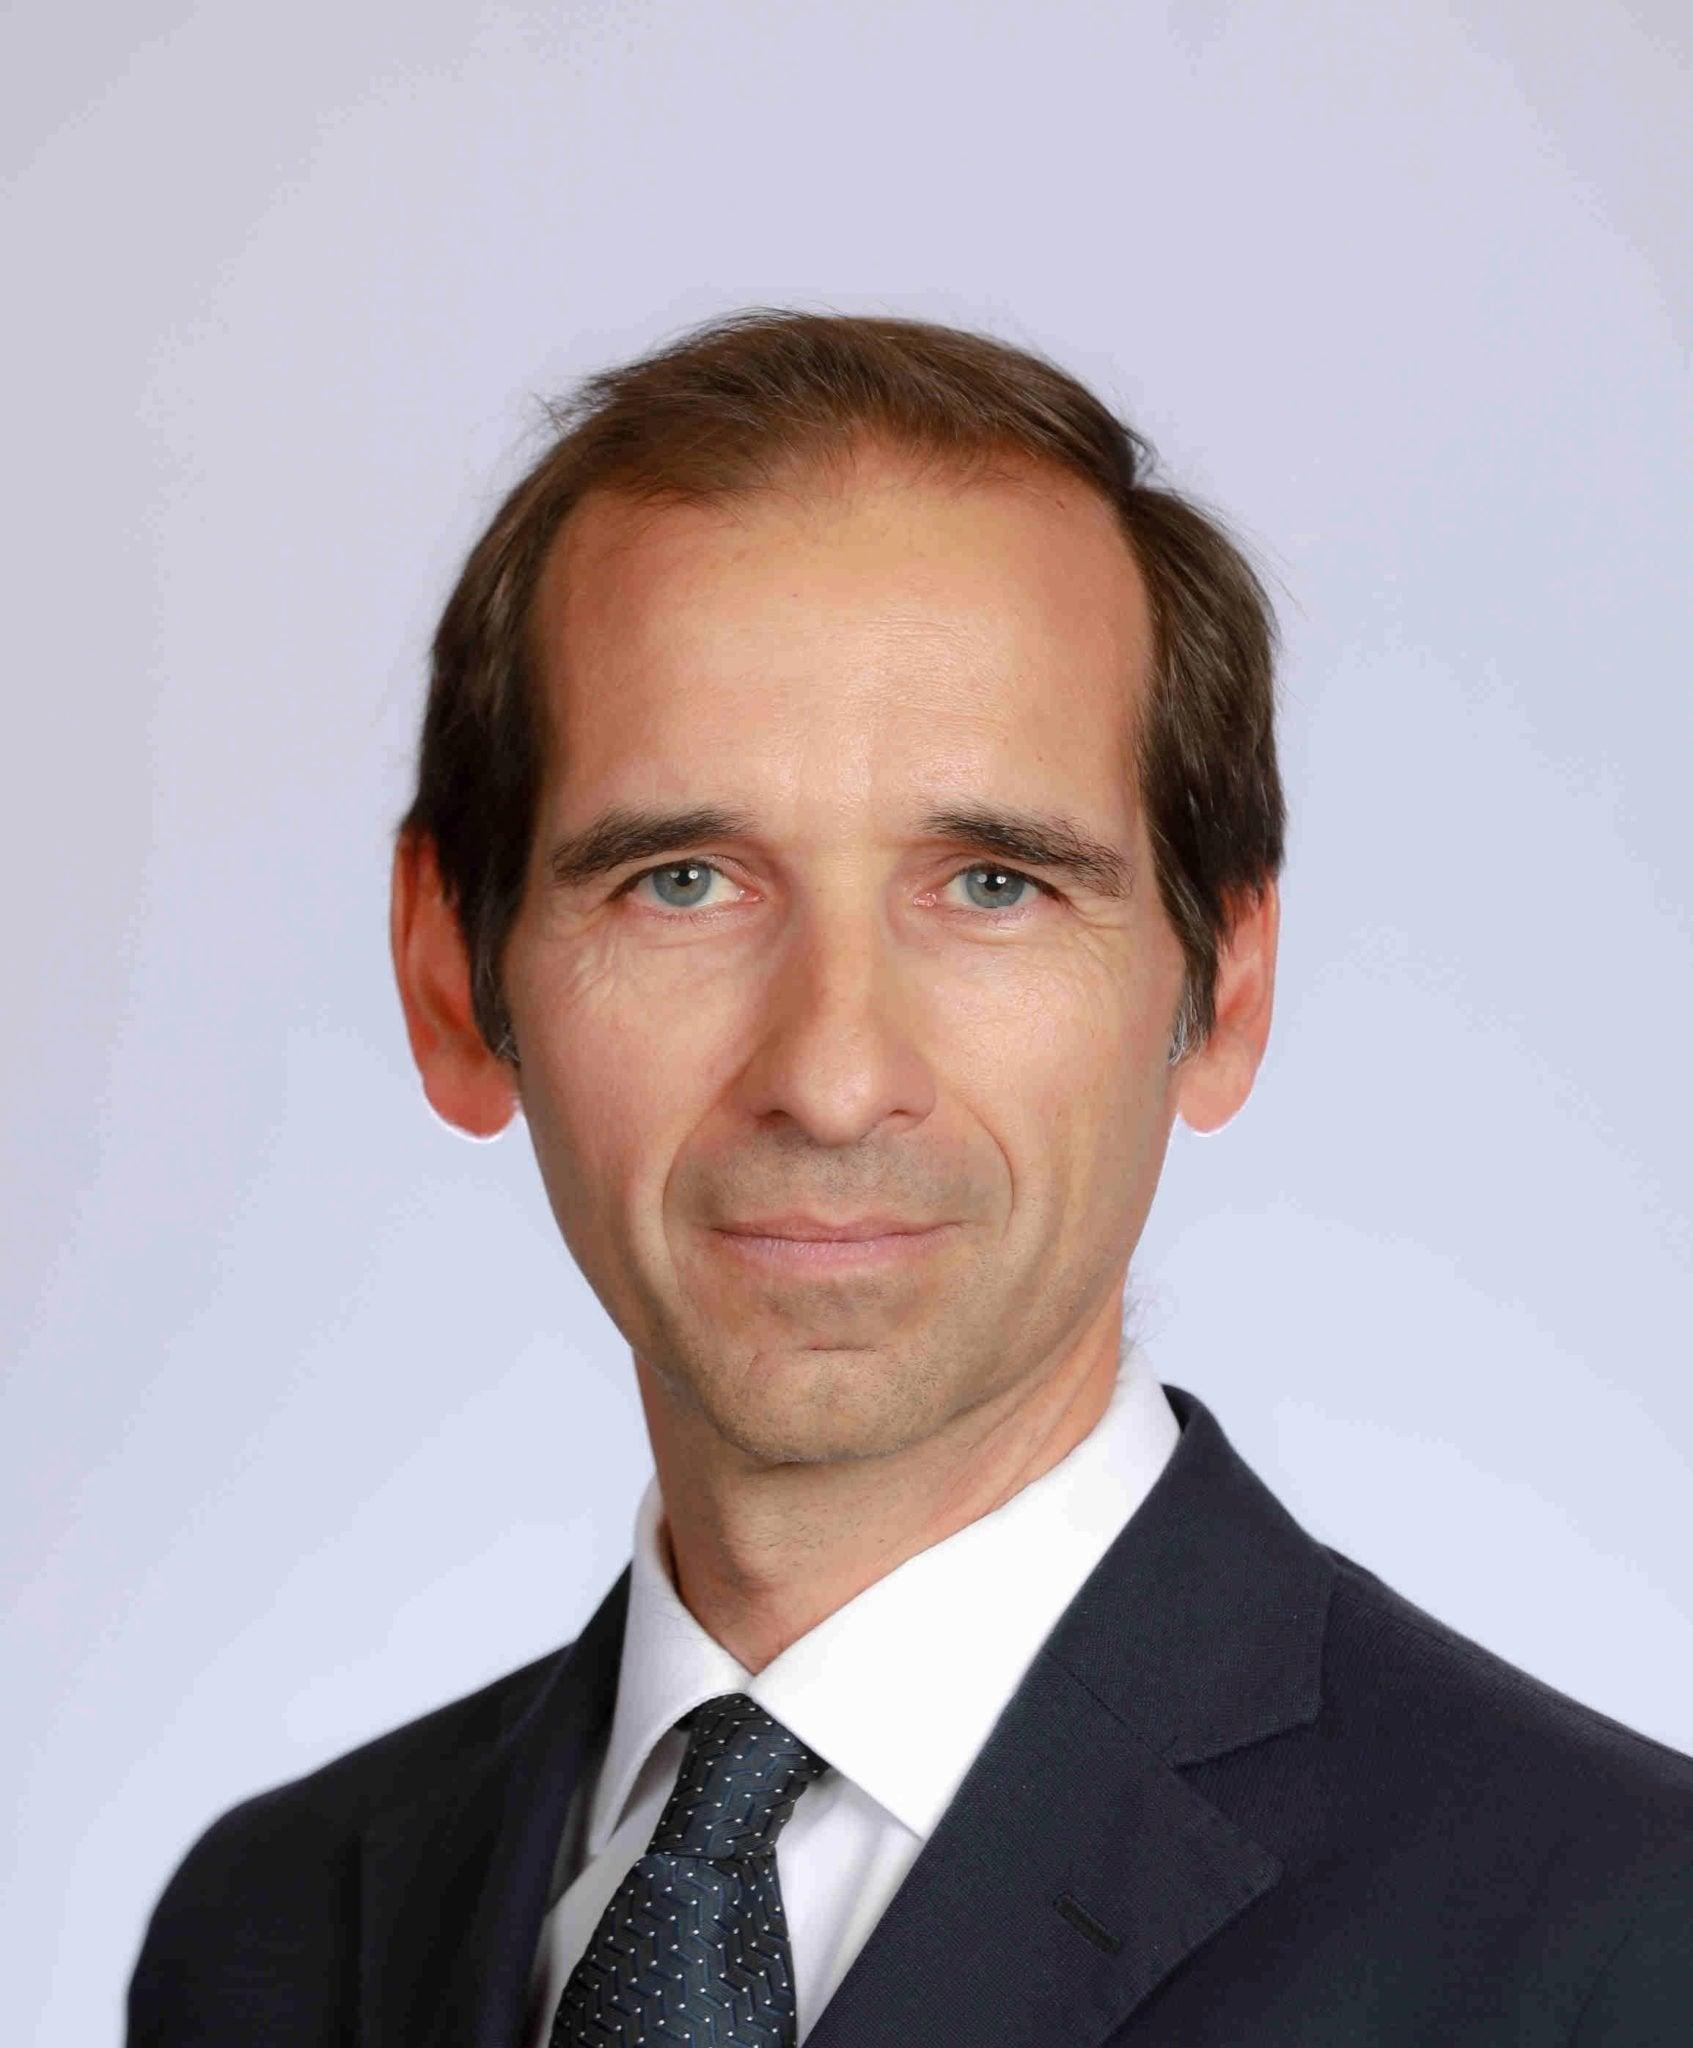 Dr. Luis Lassaletta